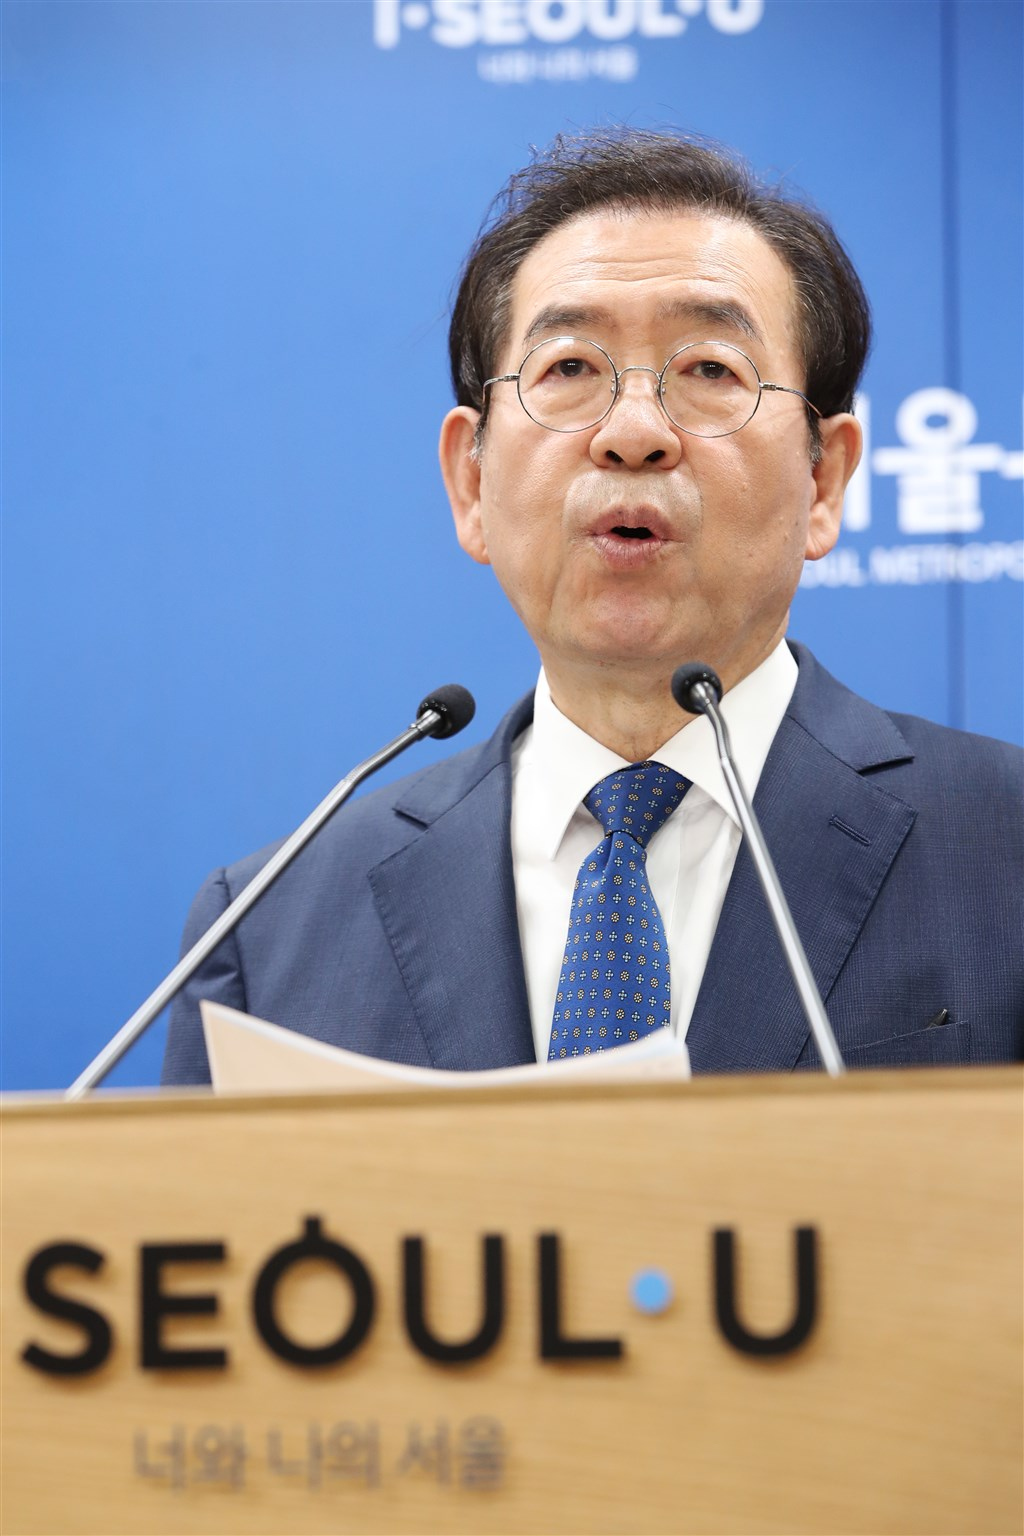 韓國首爾市長朴元淳10日被發現疑似上吊輕生,享壽64歲。(檔案照片/韓聯社提供)